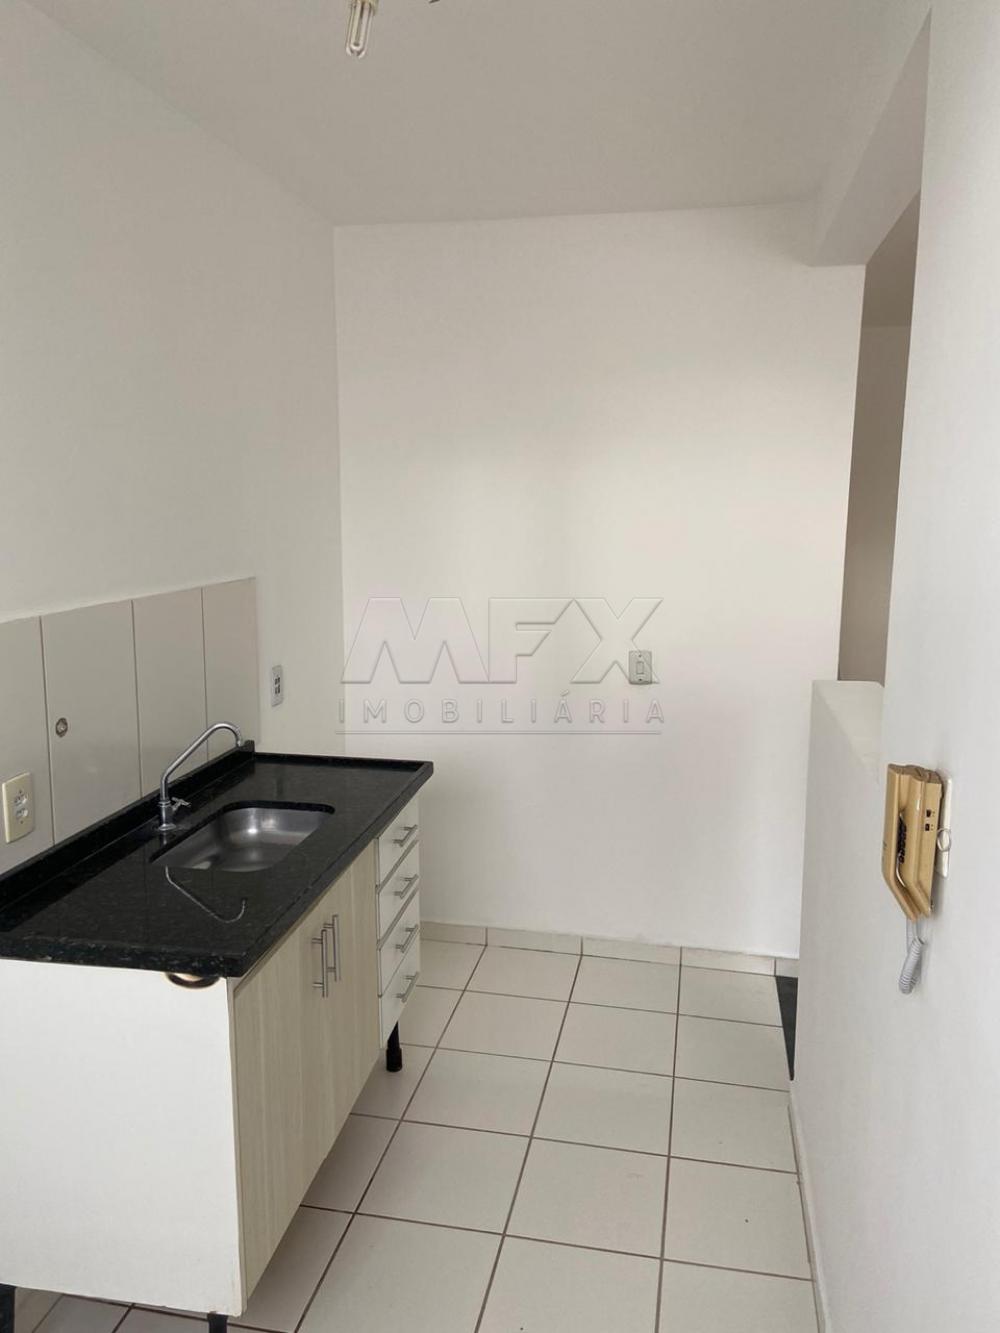 Comprar Apartamento / Padrão em Bauru apenas R$ 139.000,00 - Foto 2